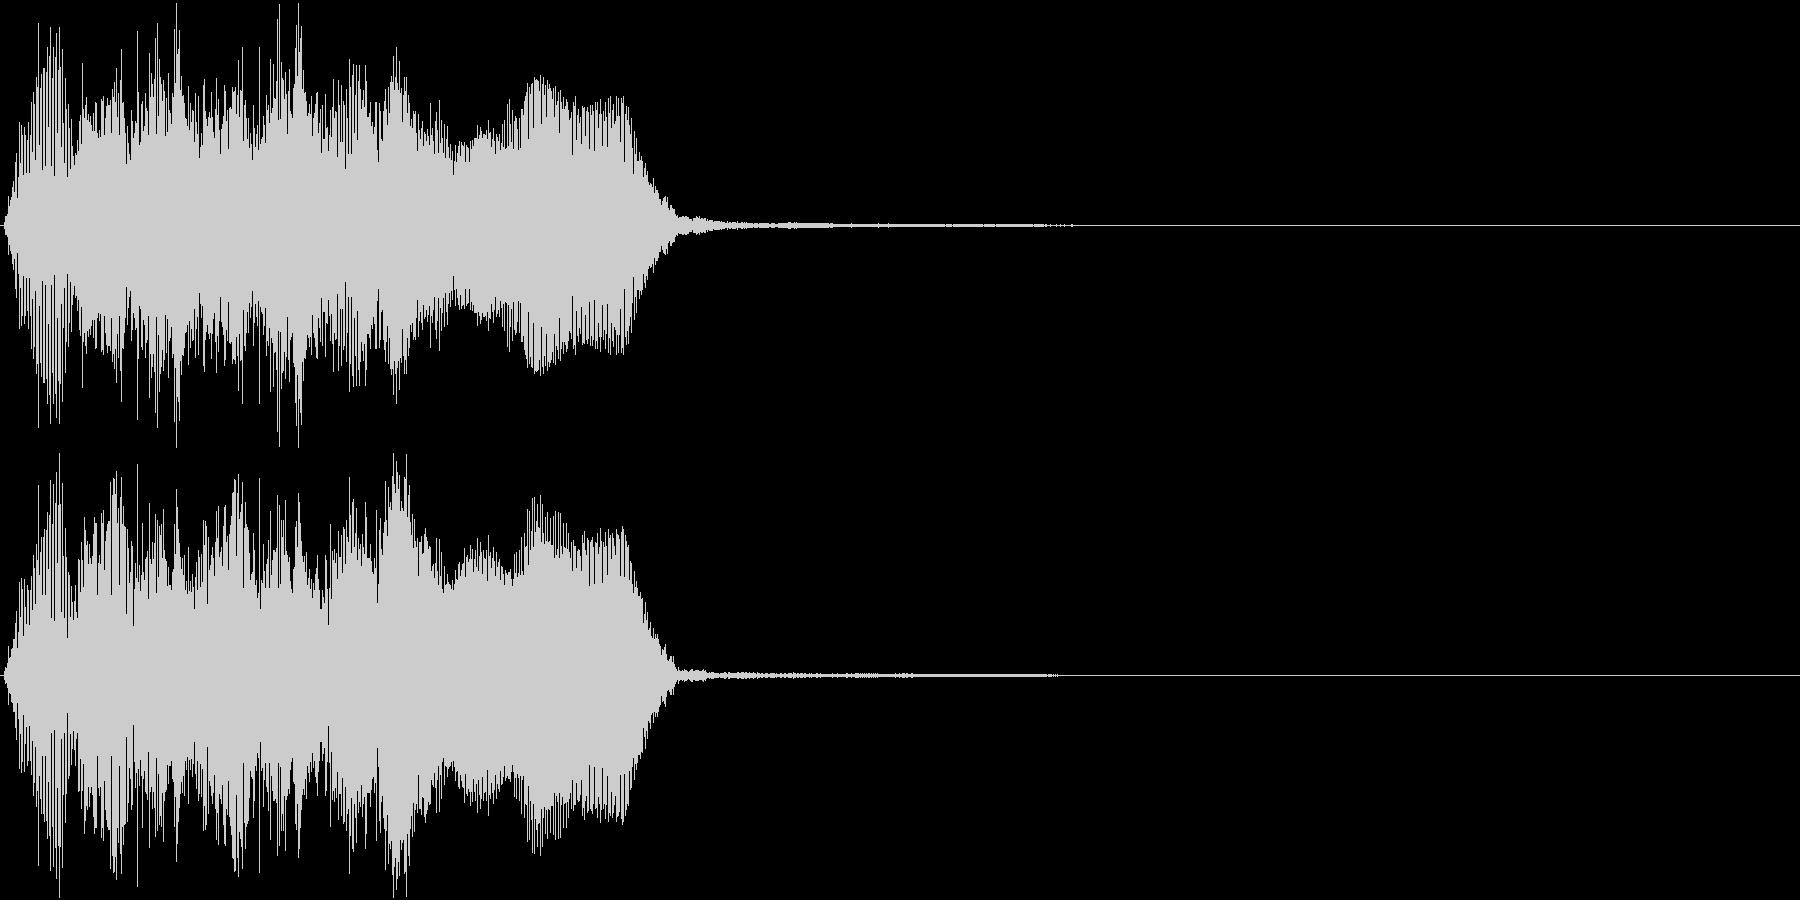 トランペット ファンファーレ 定番 17の未再生の波形